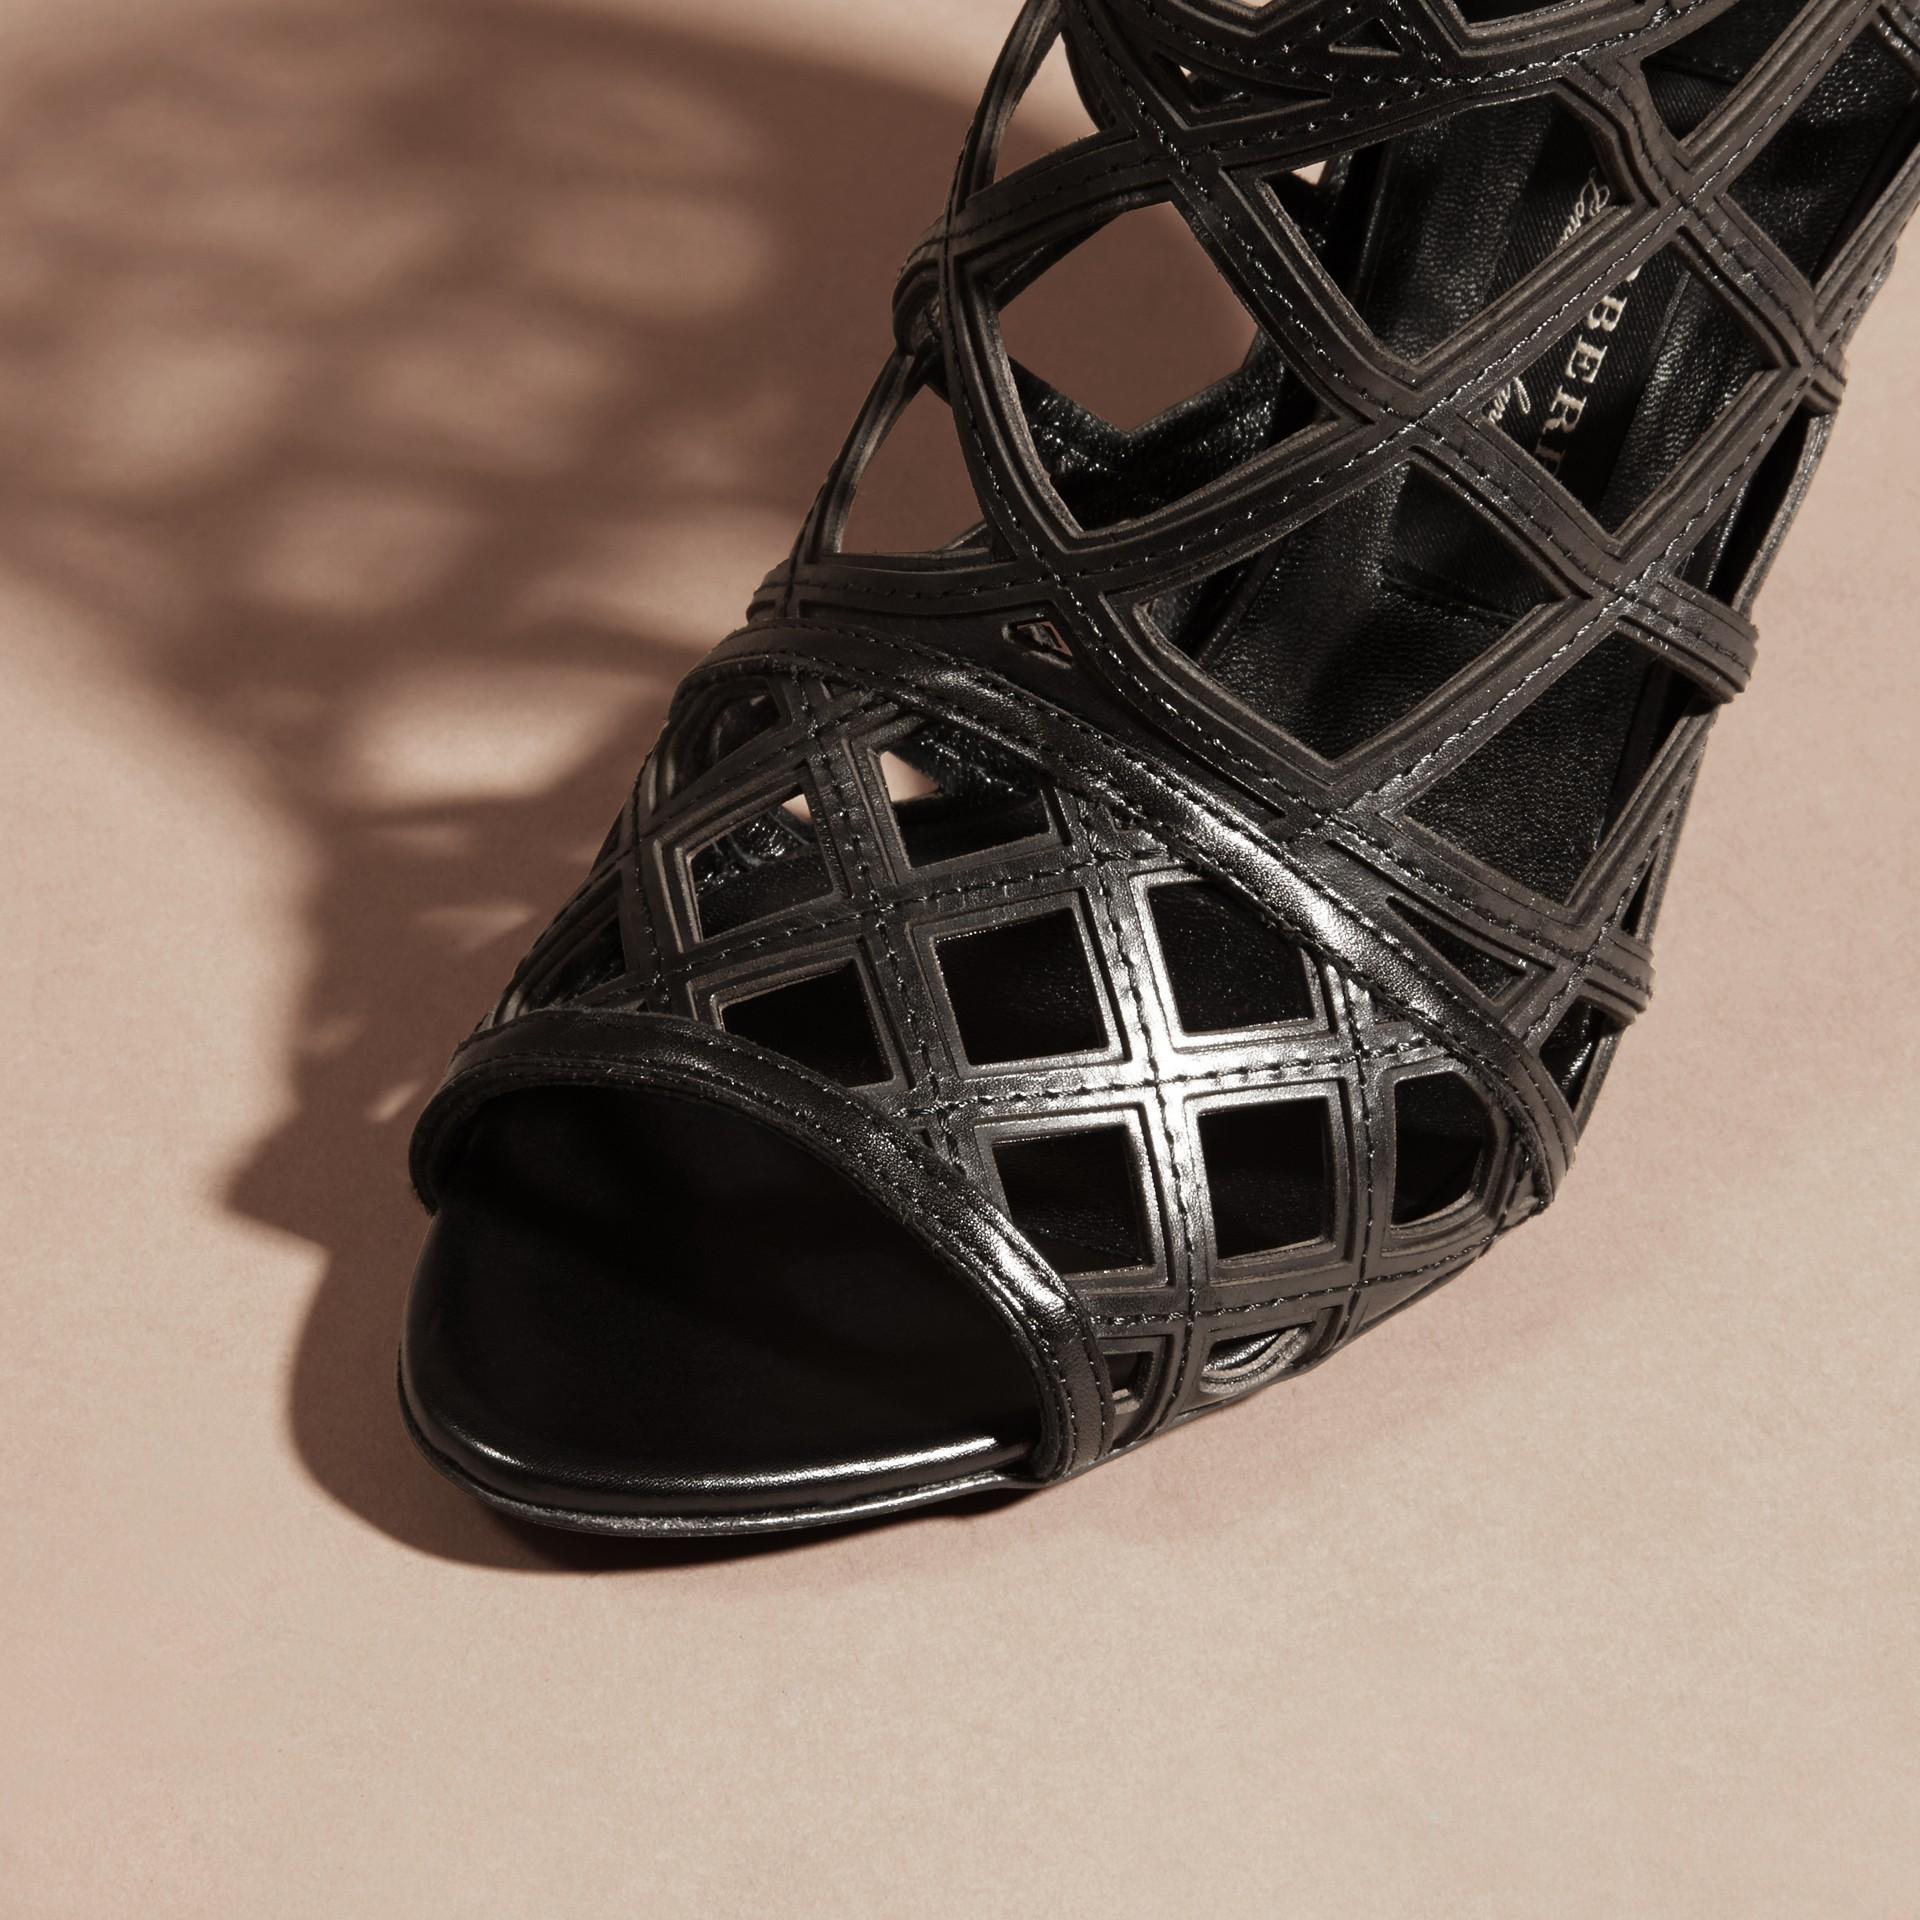 Noir Bottines en cuir avec découpes Noir - photo de la galerie 2